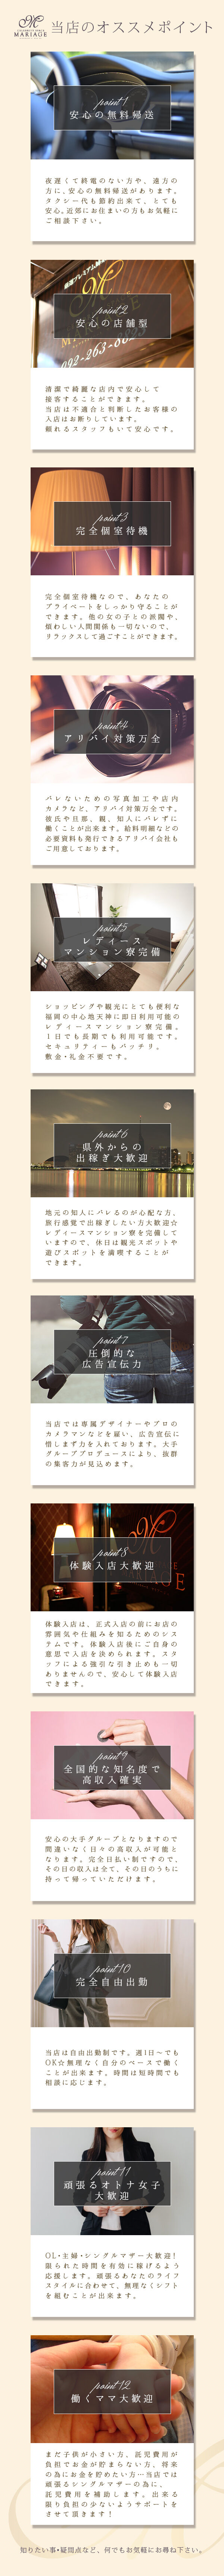 中洲風俗 ソープランド【マリアージュ - MARIAGE -】おすすめポイント。安心の無料帰送・安心の店舗型・完全個室待機・アリバイ対策万全・レディースマンション寮完備・県外からの出稼ぎ大歓迎・圧倒的な広告宣伝力・体験入店大歓迎・全国的な知名度で高収入確実・完全自由出勤・頑張る大人女子大歓迎・働くママ大歓迎